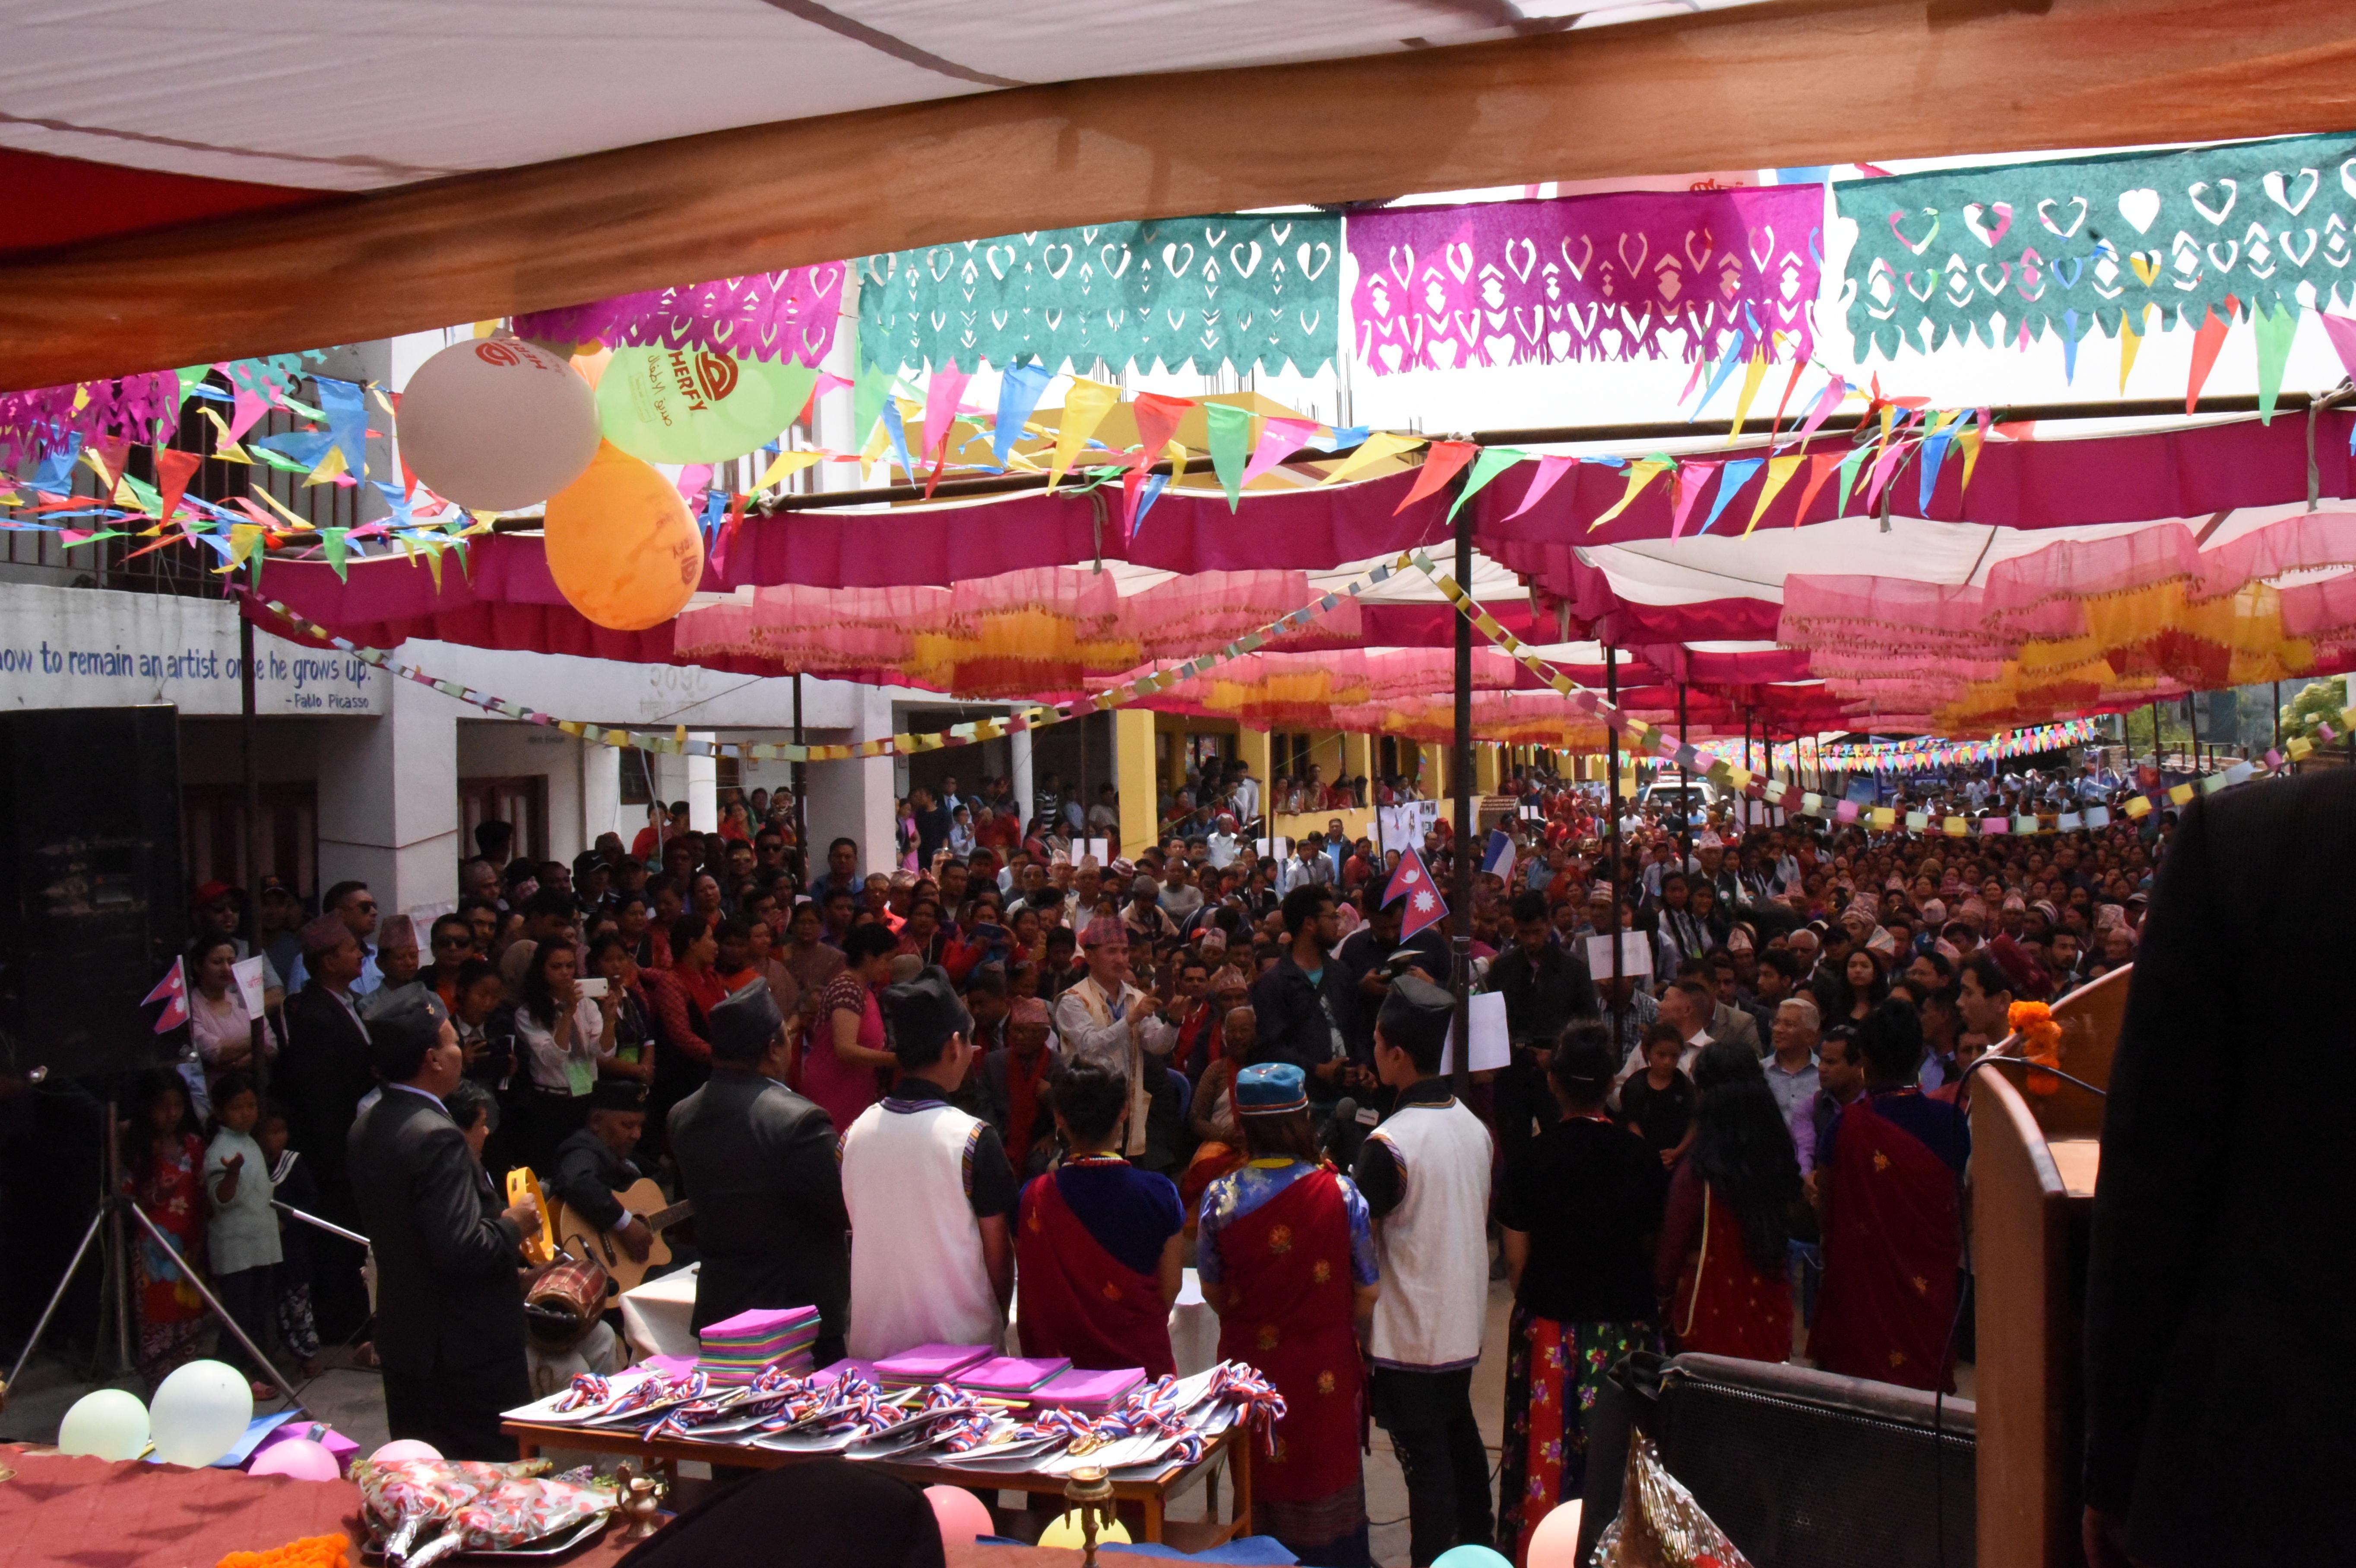 Environ 1500 personnes ont participé à l'inauguration de l'école de Mahalaxmi, près de la capitale Katmandou.